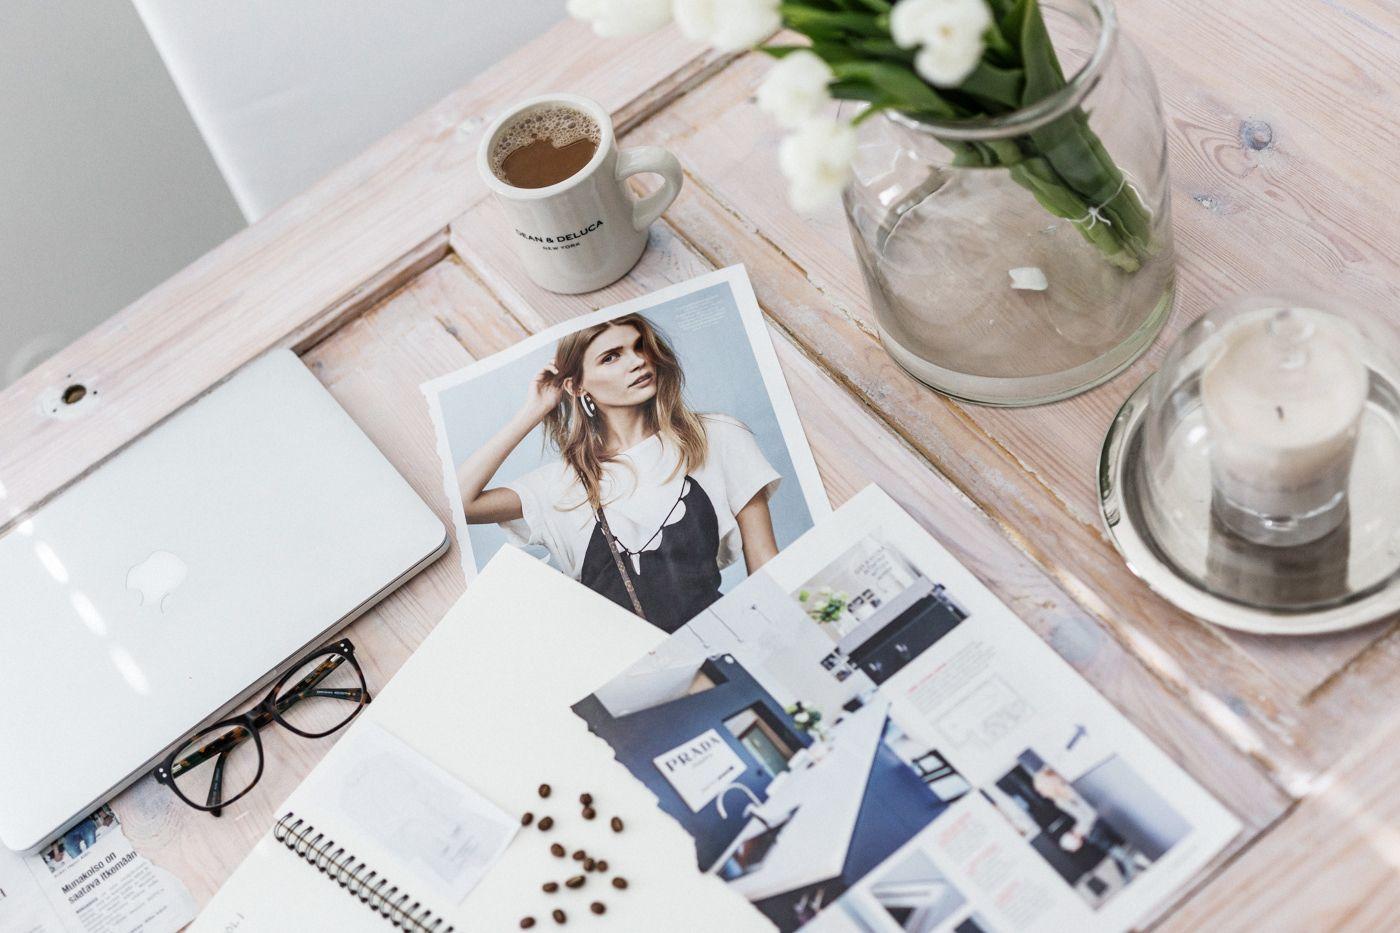 Scrapbook / Inspiration / Creative / Noora&Noora nooraandnoora.com